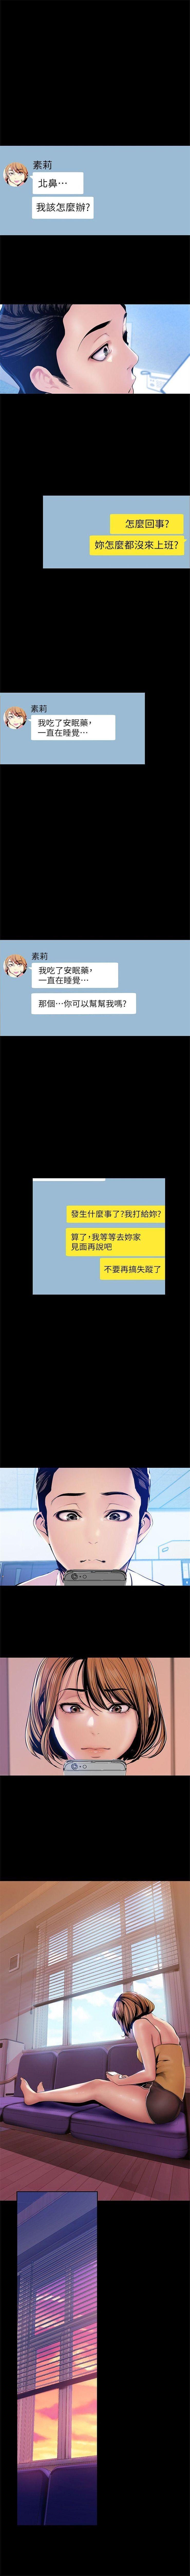 (周6)美丽新世界 1-61 中文翻译 (更新中) 310